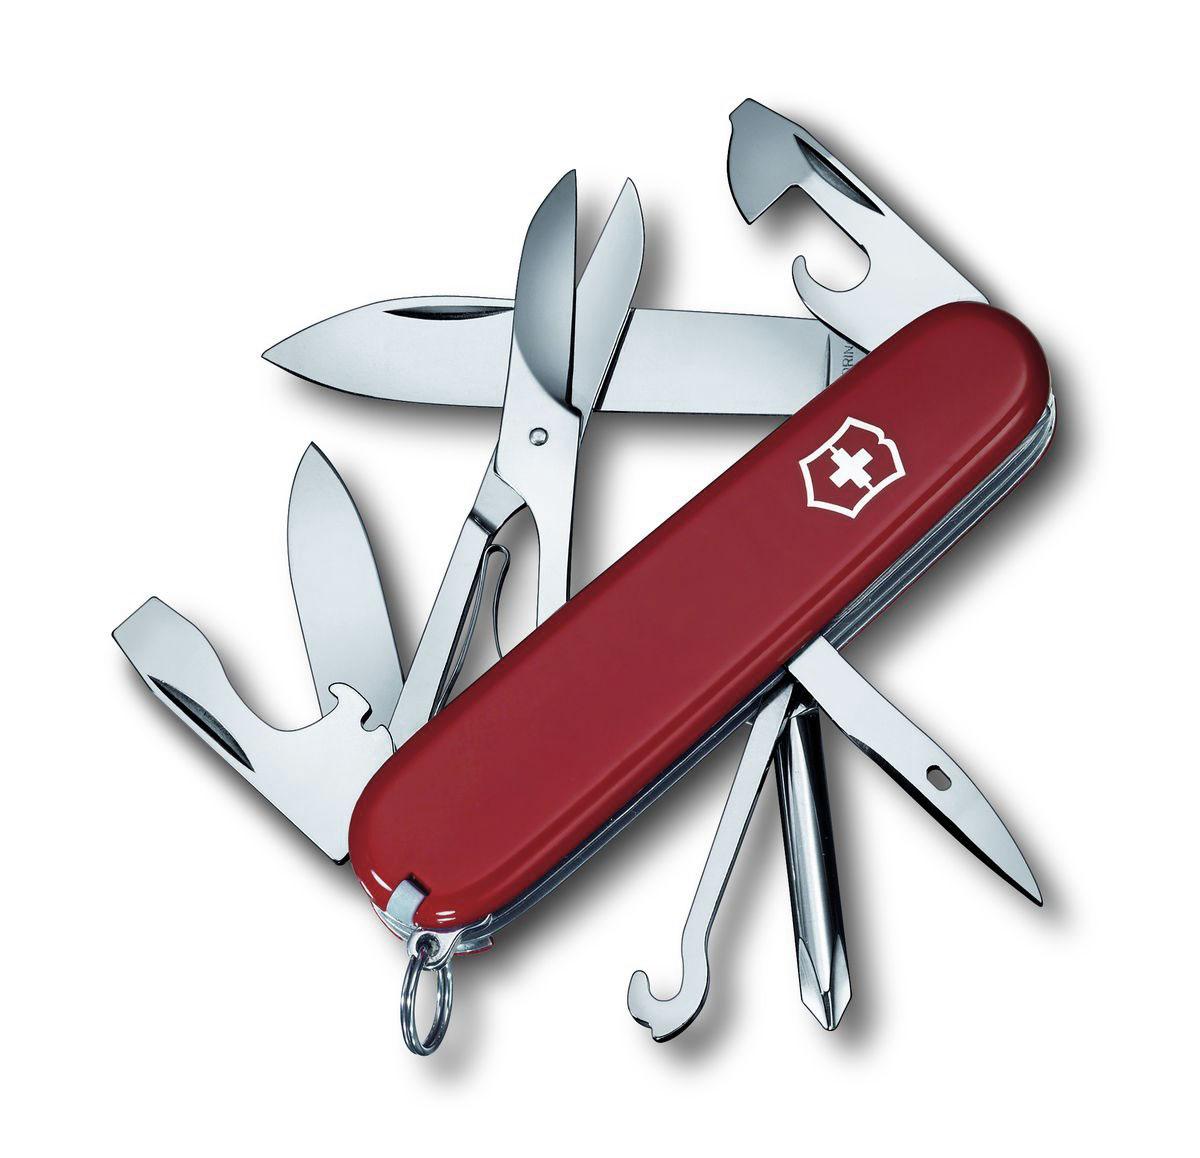 Нож перочинный Victorinox Super Tinker, цвет: красный, 14 функций, 9,1 см